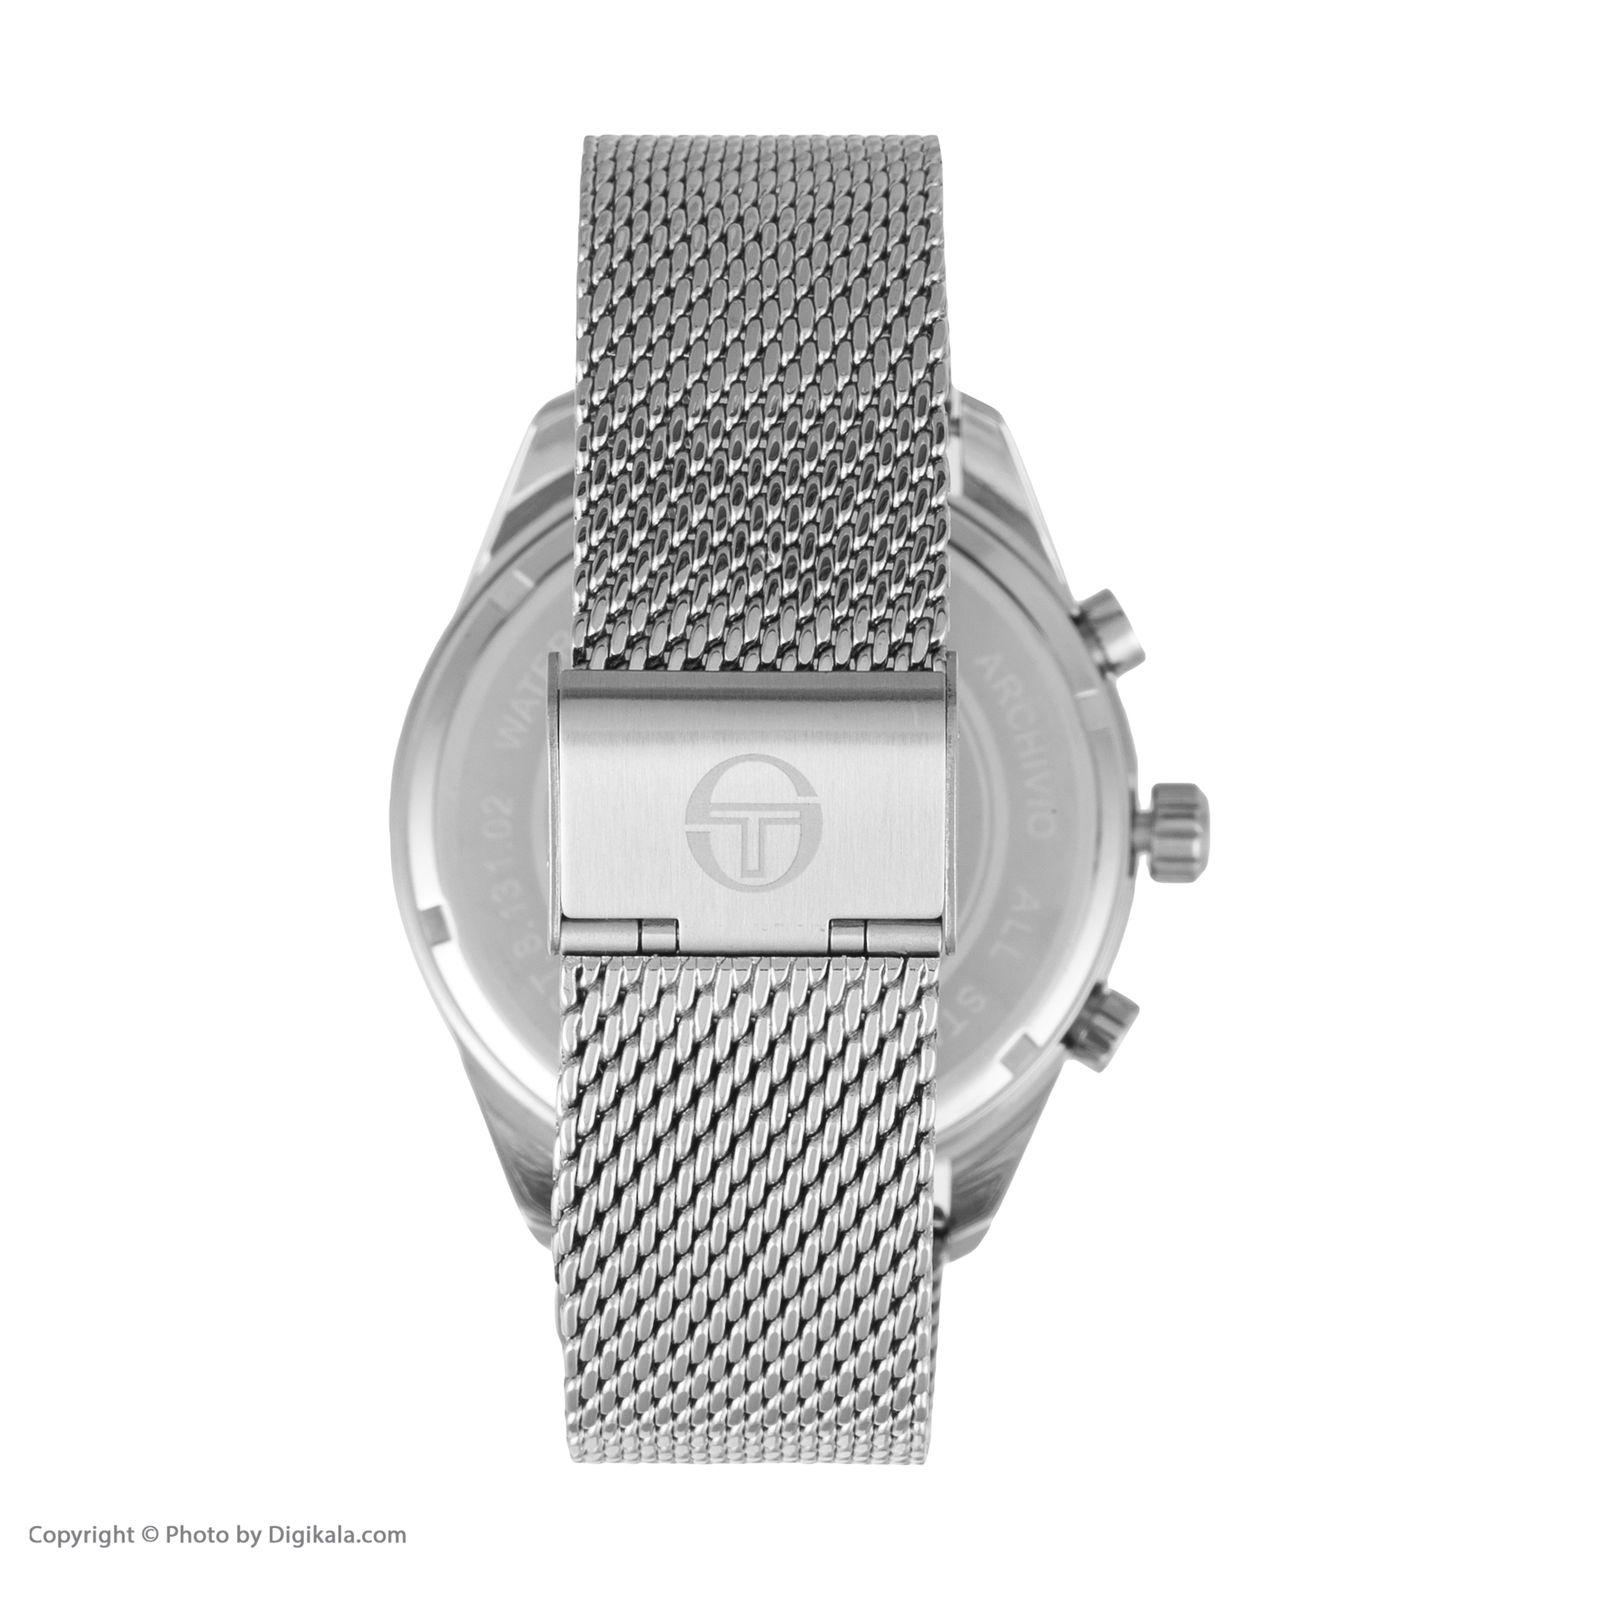 ساعت مچی عقربه ای مردانه سرجیو تاچینی مدل ST.8.131.02 -  - 2